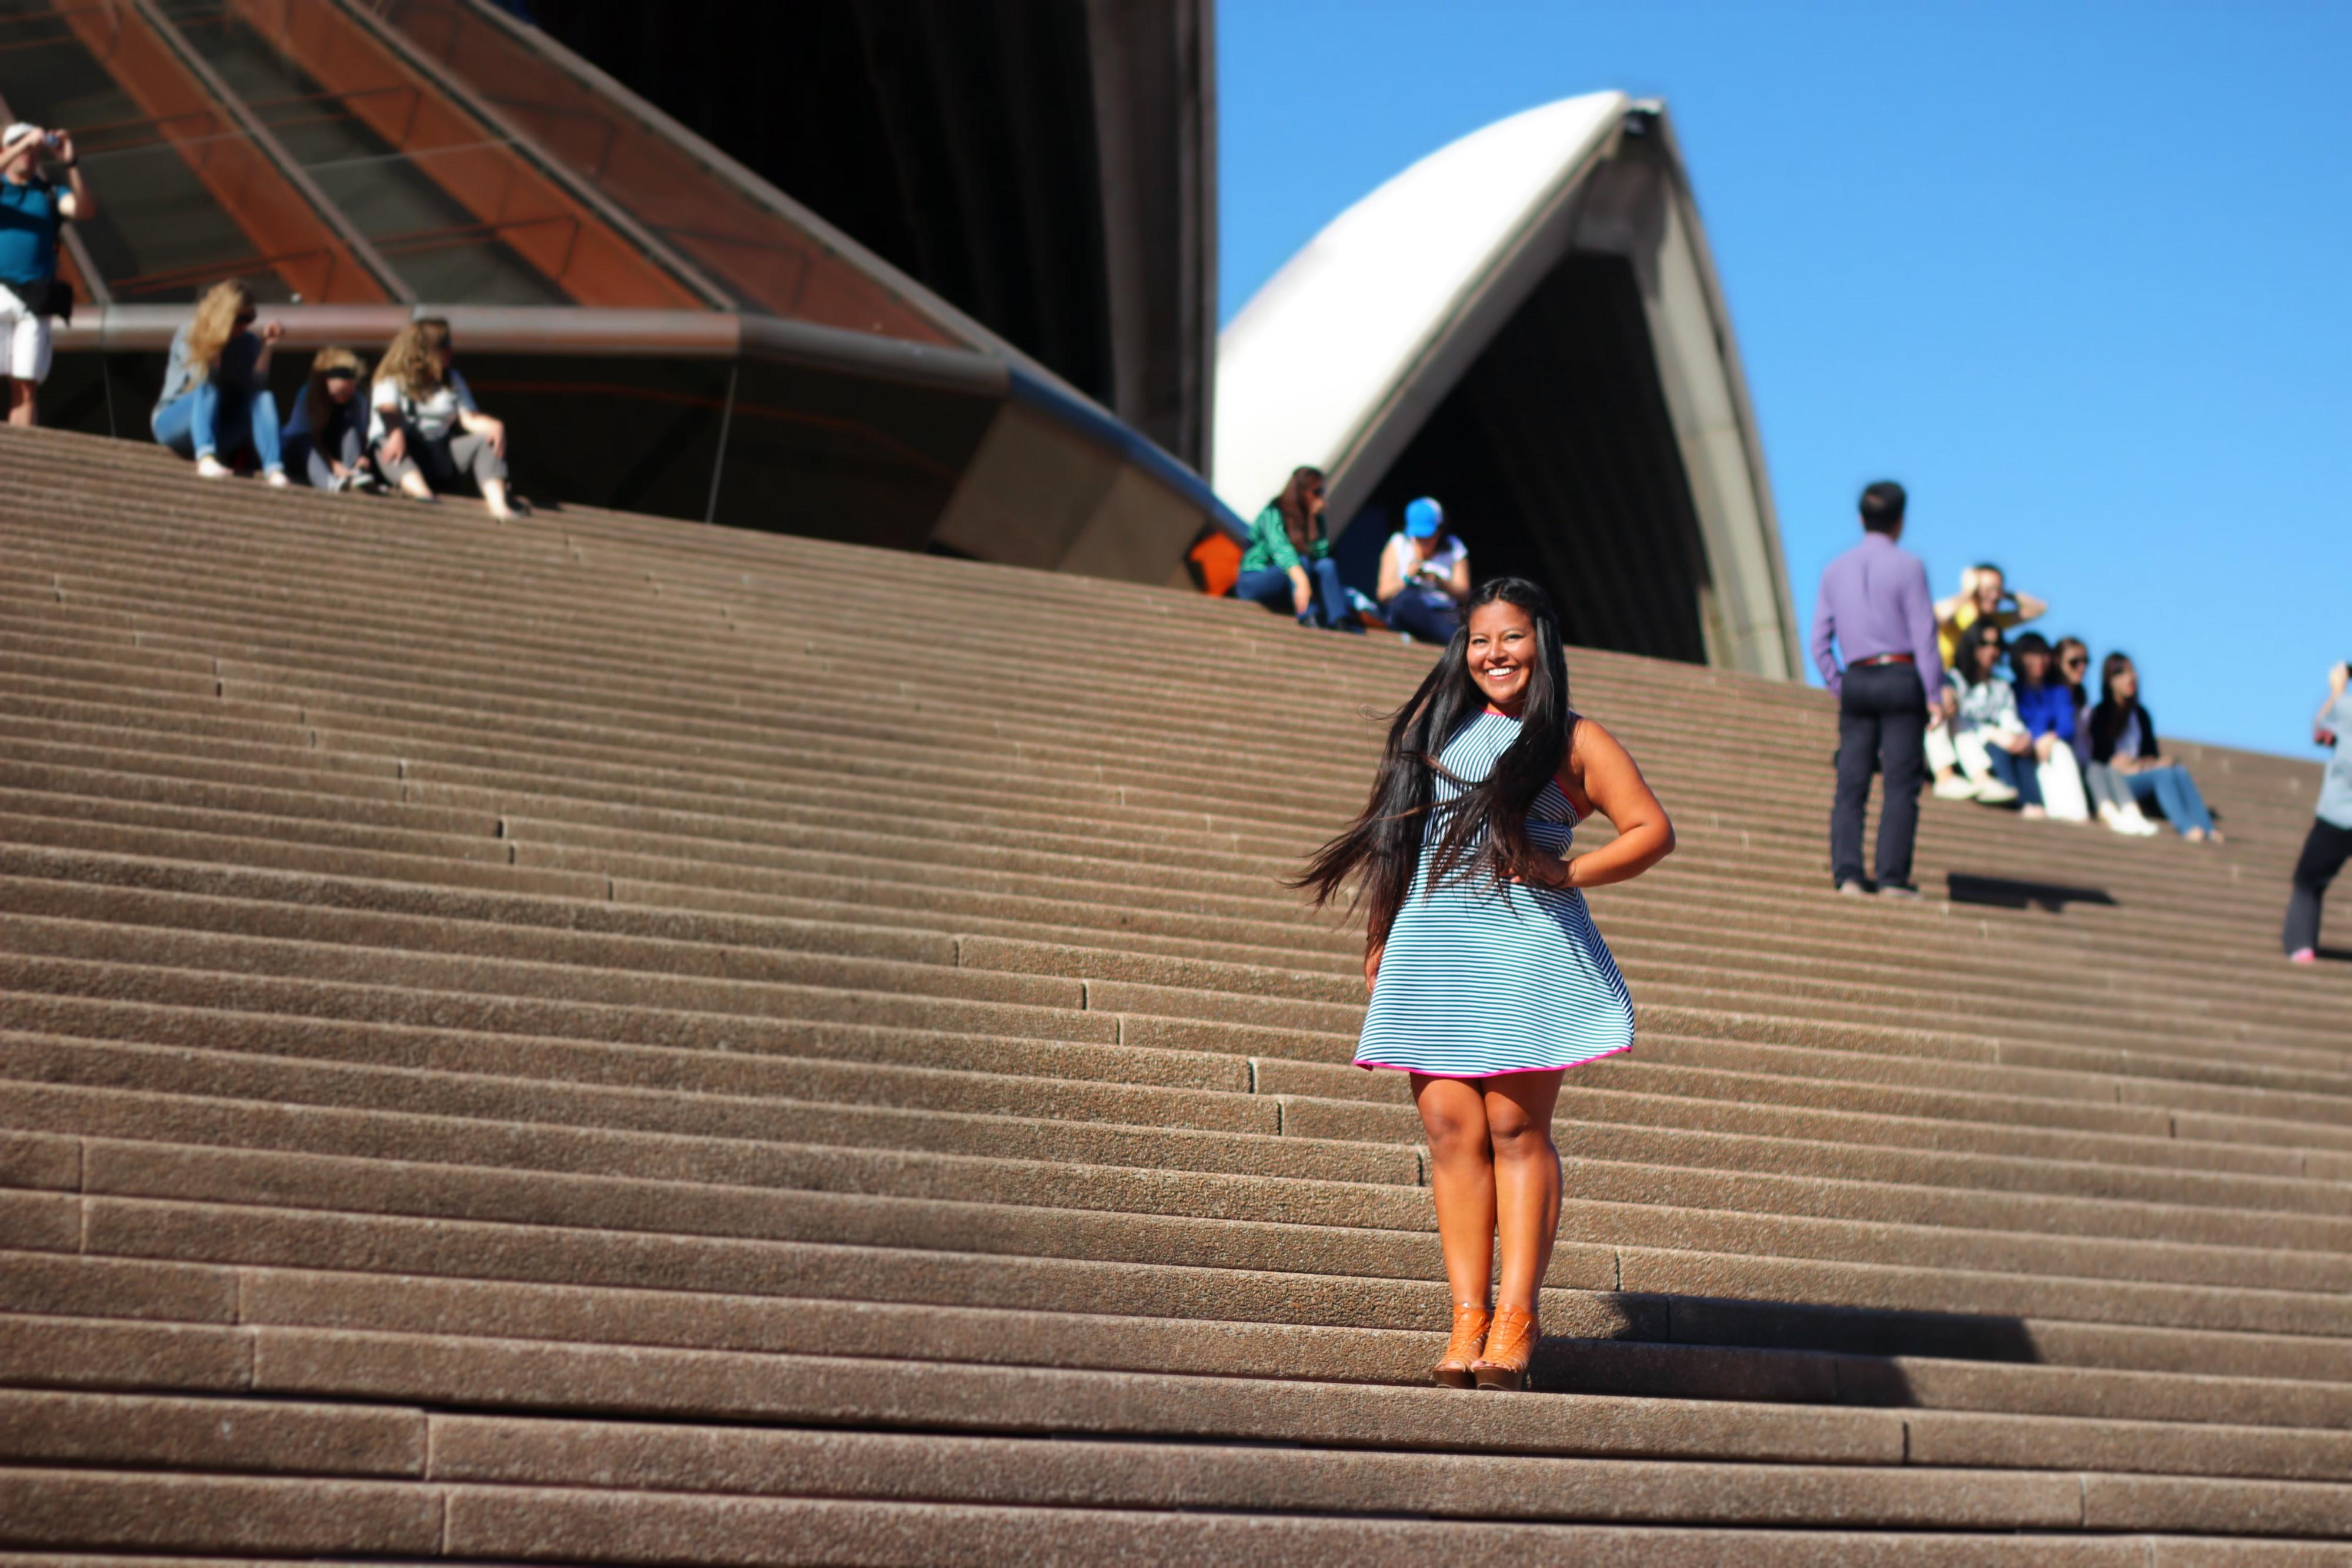 CAPAStudyAbroad_Sydney_Fall2015_From_Lilibeth_Resendiz.jpg